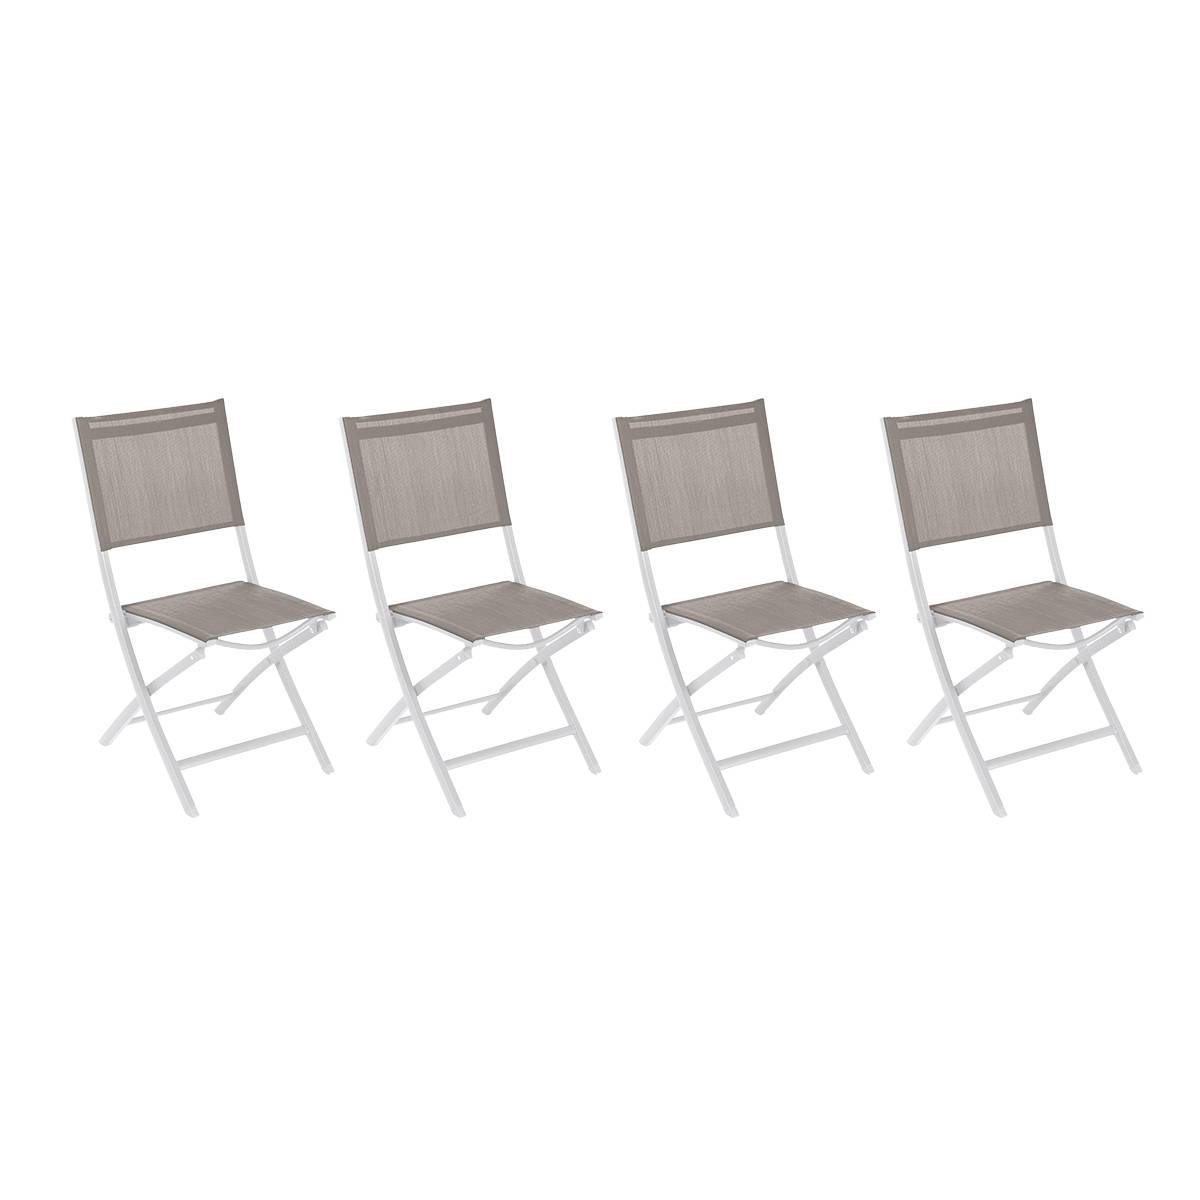 Hespéride Lot de 4 chaises de jardin pliantes Essentia Noisette   Blanc